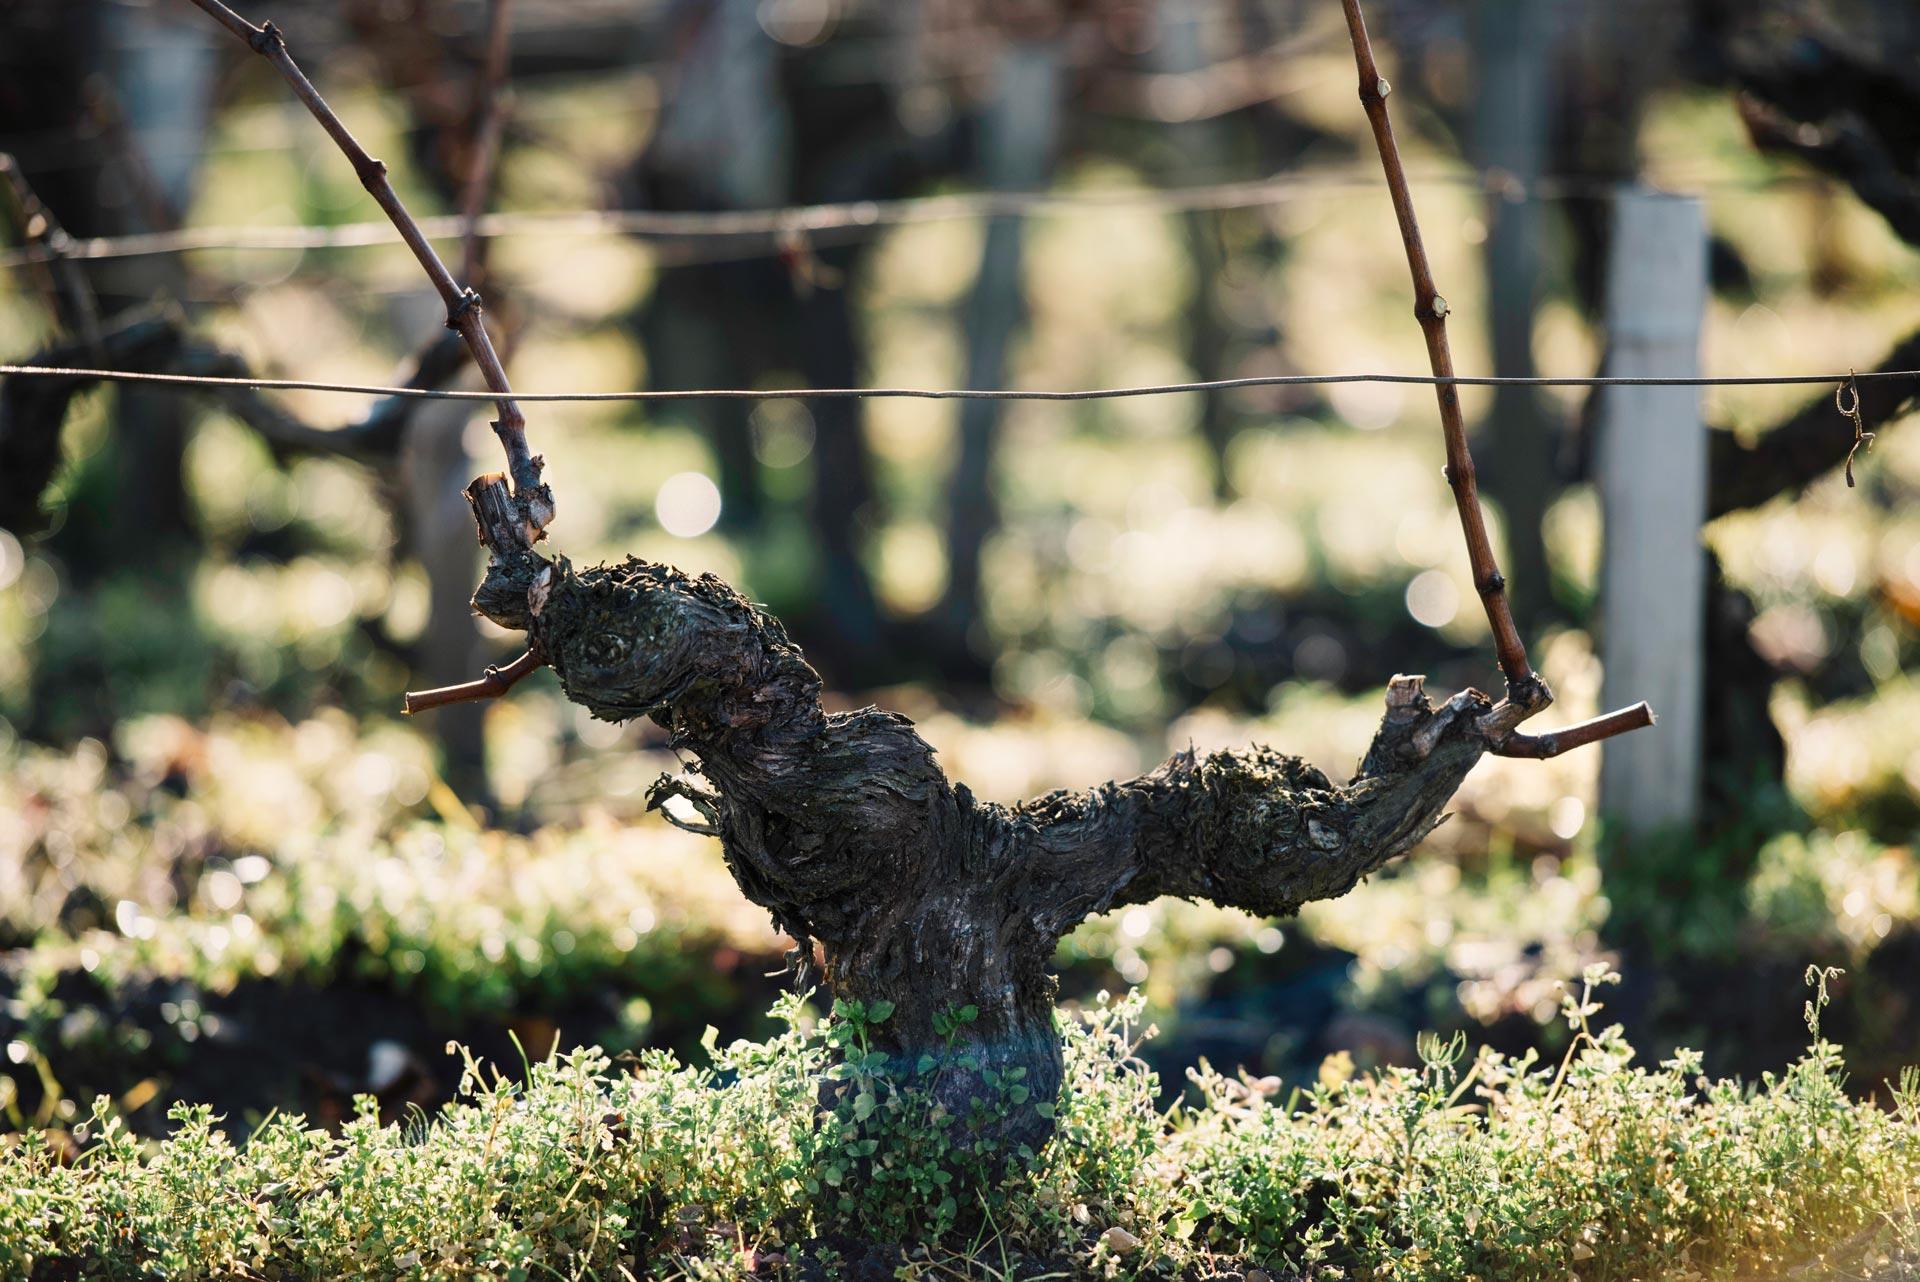 Guyot medoc. Spur development for branching control | Château Pichon Lalande | Pauillac | Bordeaux